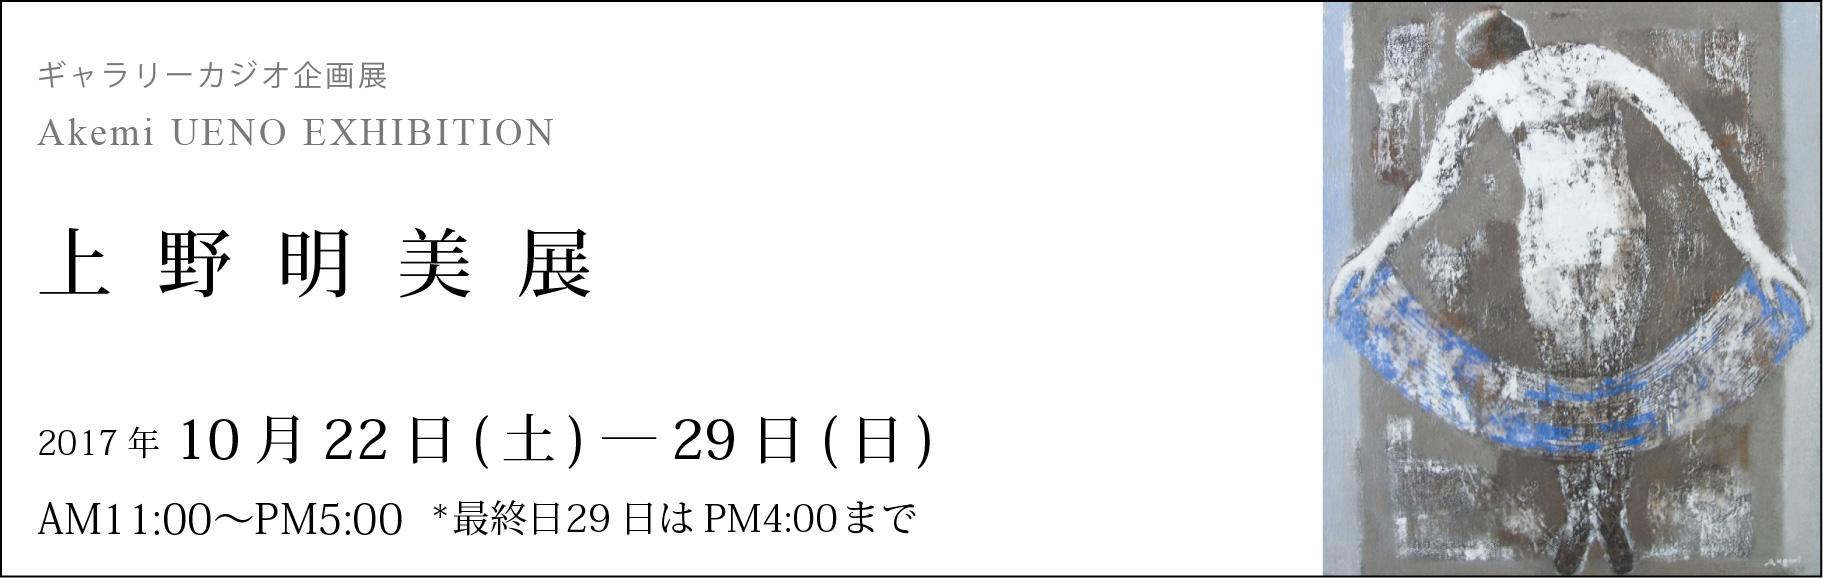 ueno_2017-10